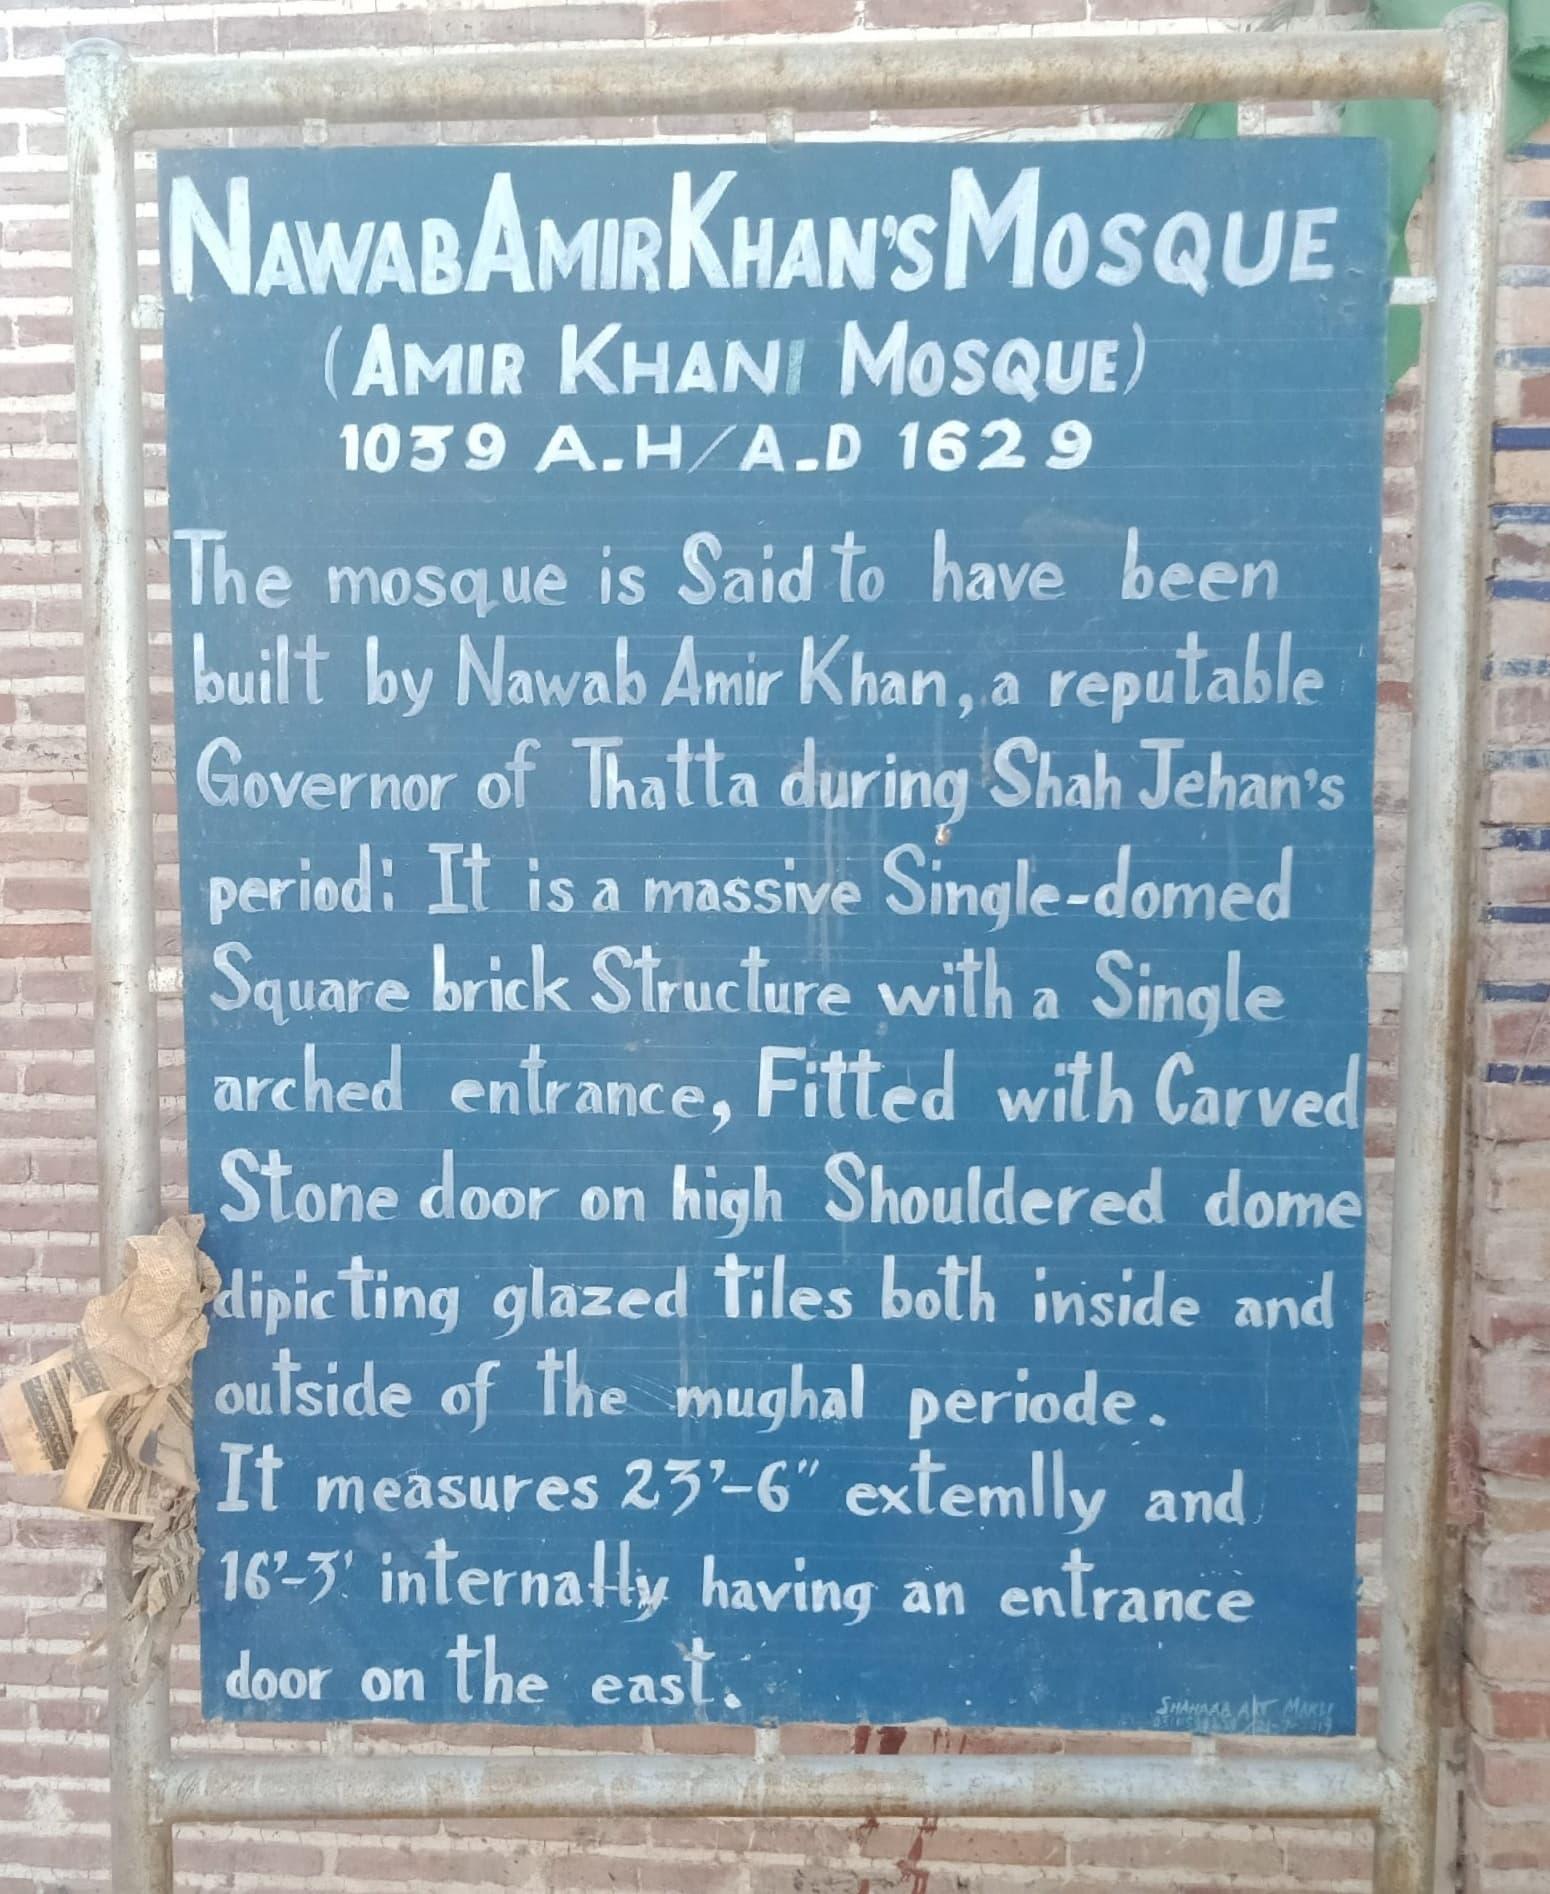 امیر خانی مسجد کے باہر نصب بورڈ